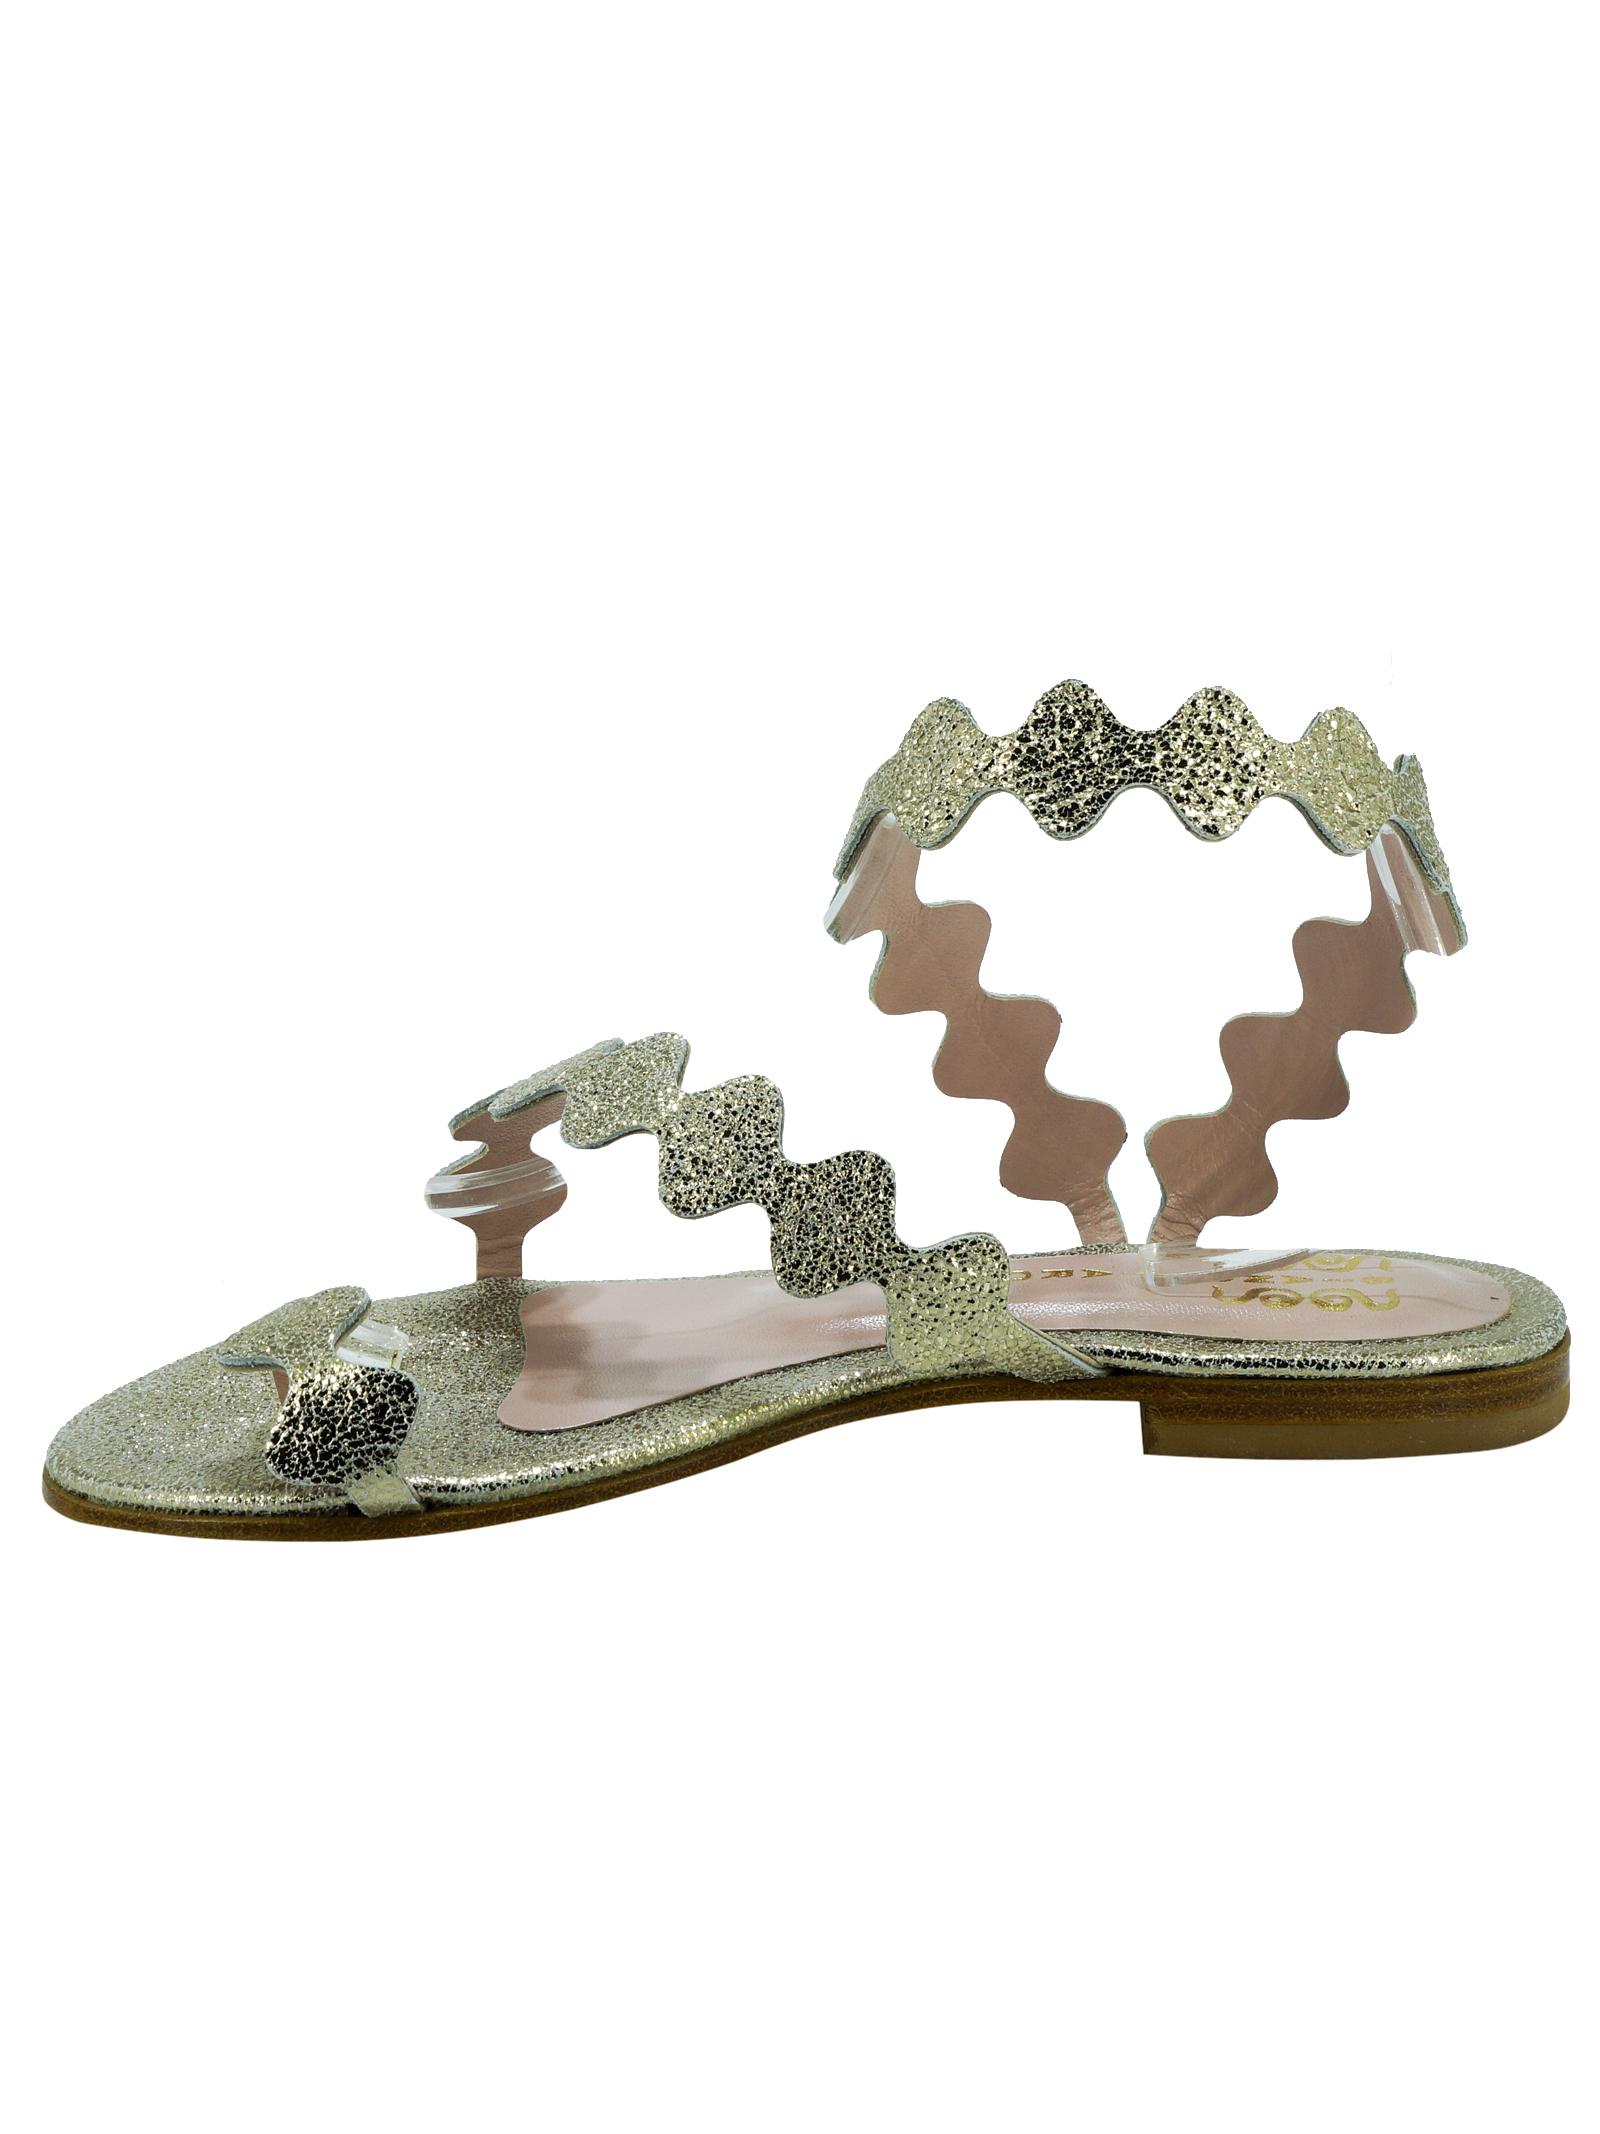 Sandali Positano Artigianali Siano Via Roma SIANO VIA ROMA | Sandali | 222CRACKORO